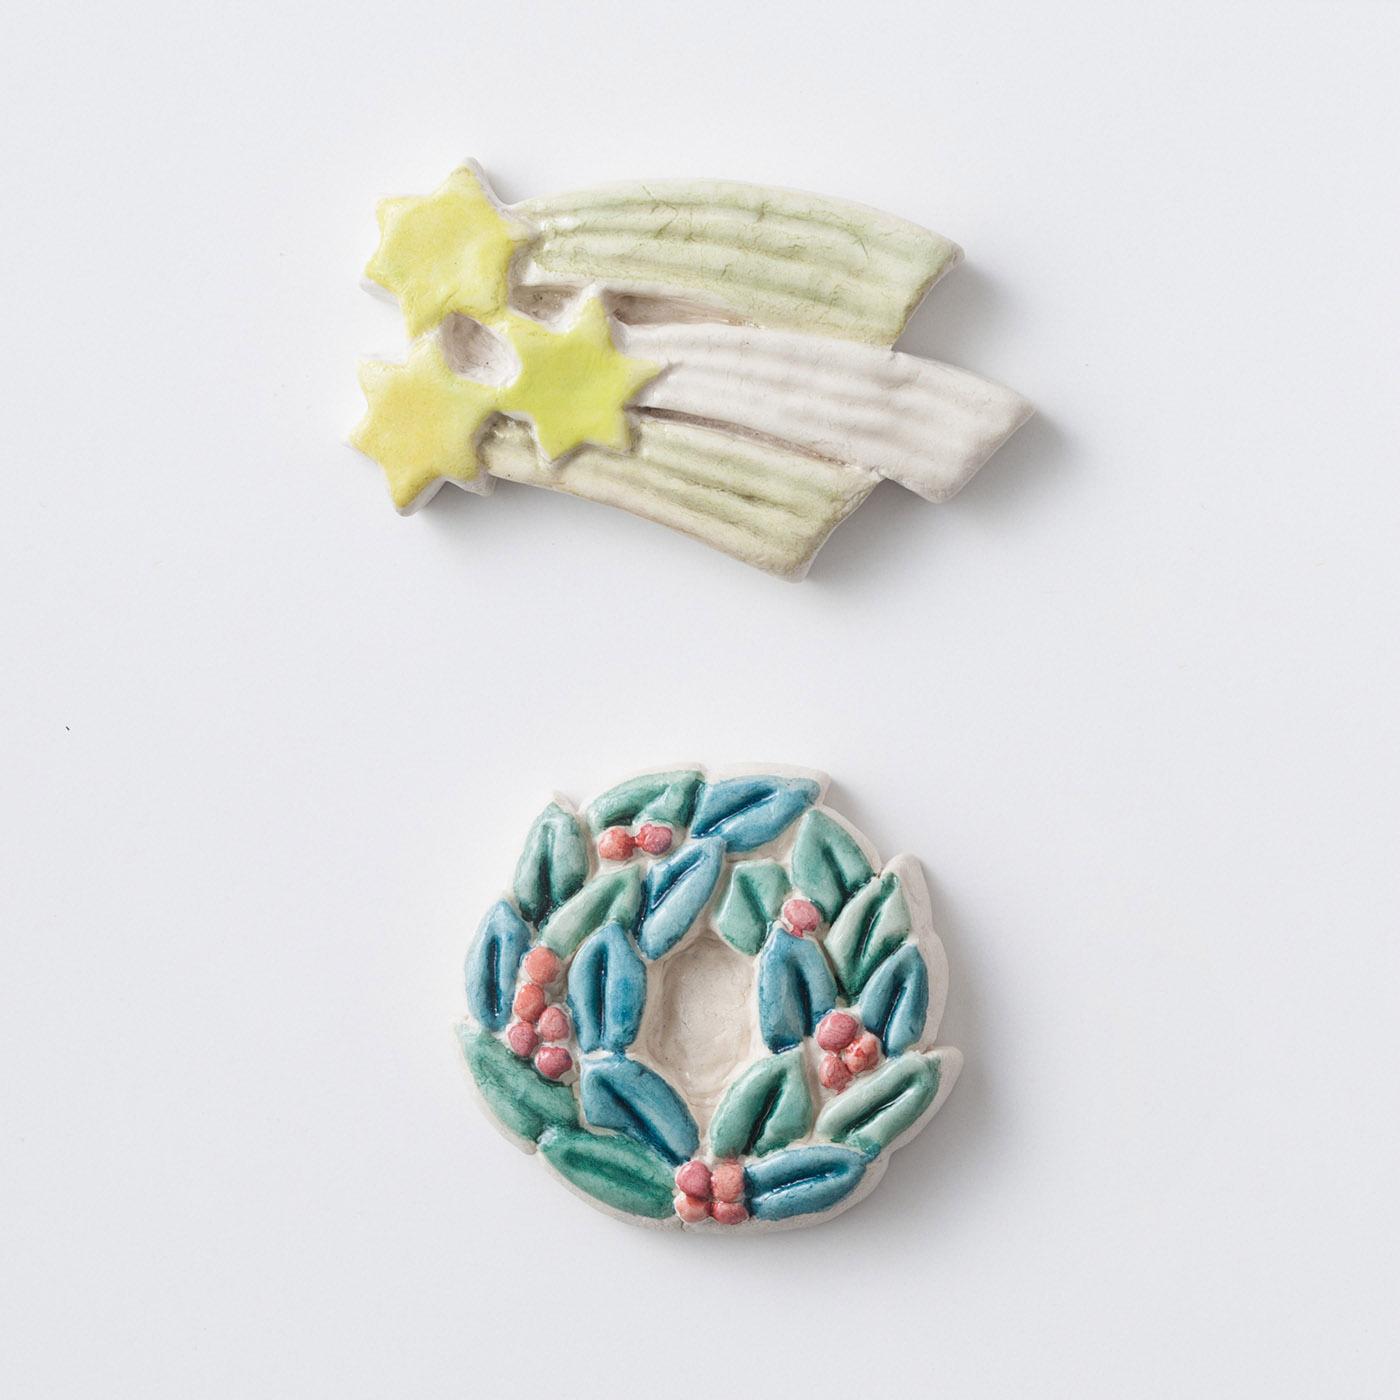 願いごと 本番用のブローチは毎回2個ずつ作れます(ブローチピン付き)。